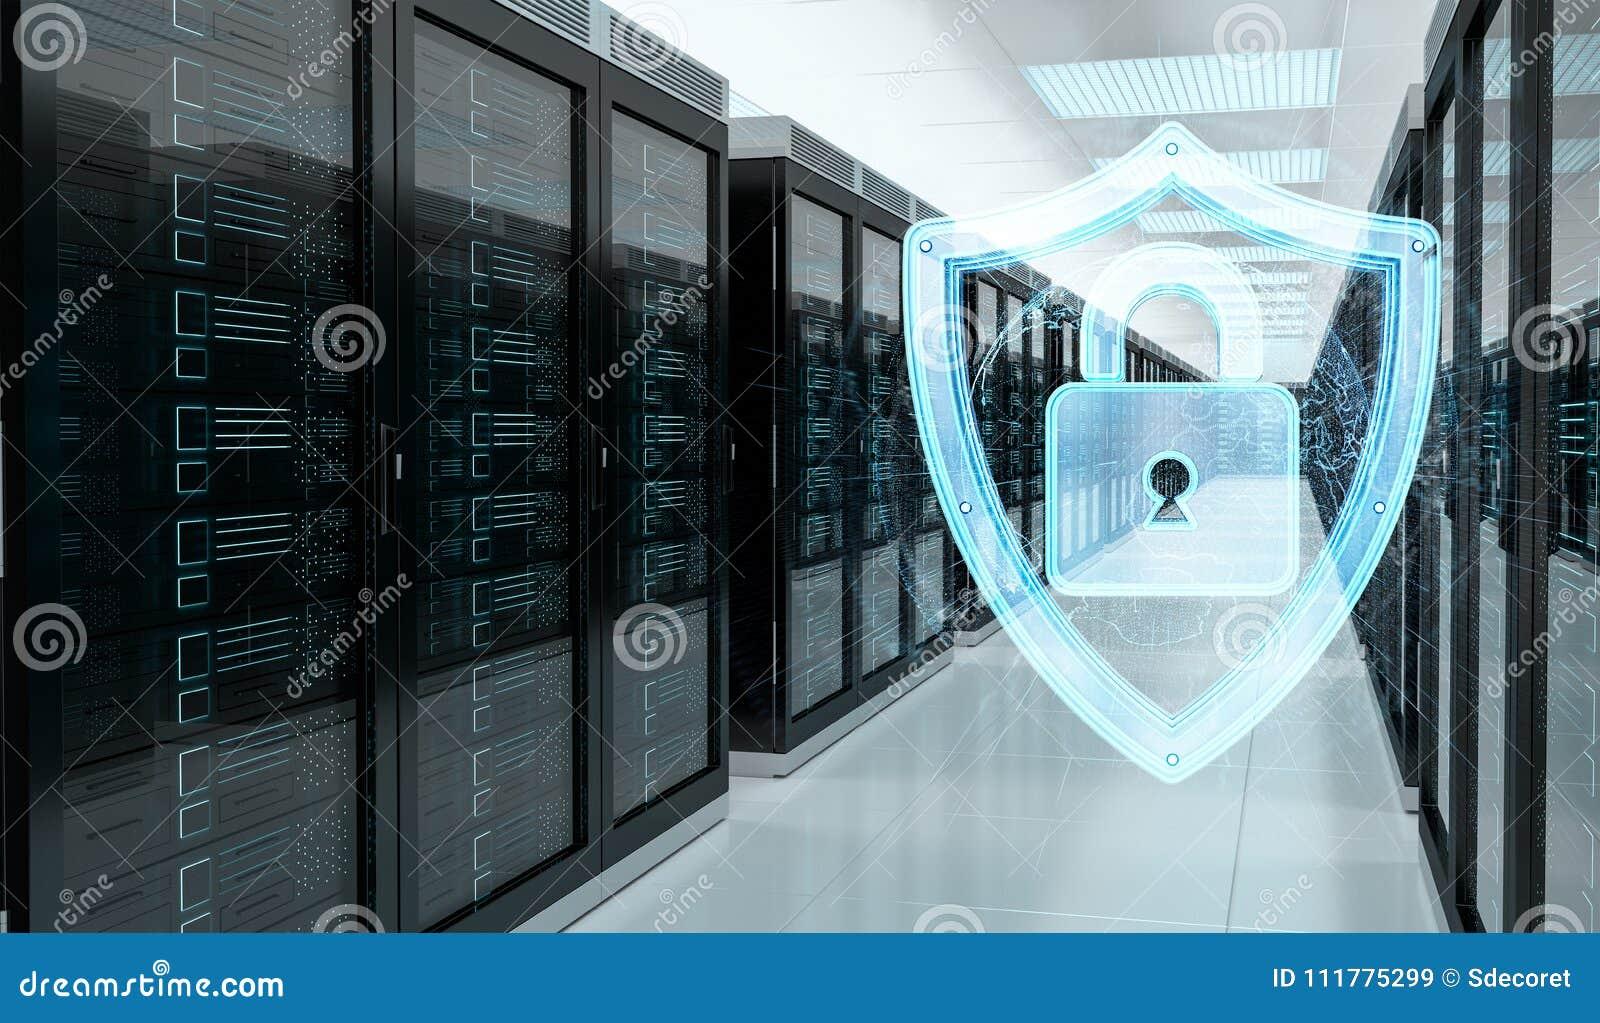 Αντιπυρική ζώνη που ενεργοποιείται στην τρισδιάστατη απόδοση κέντρων δεδομένων δωματίων κεντρικών υπολογιστών